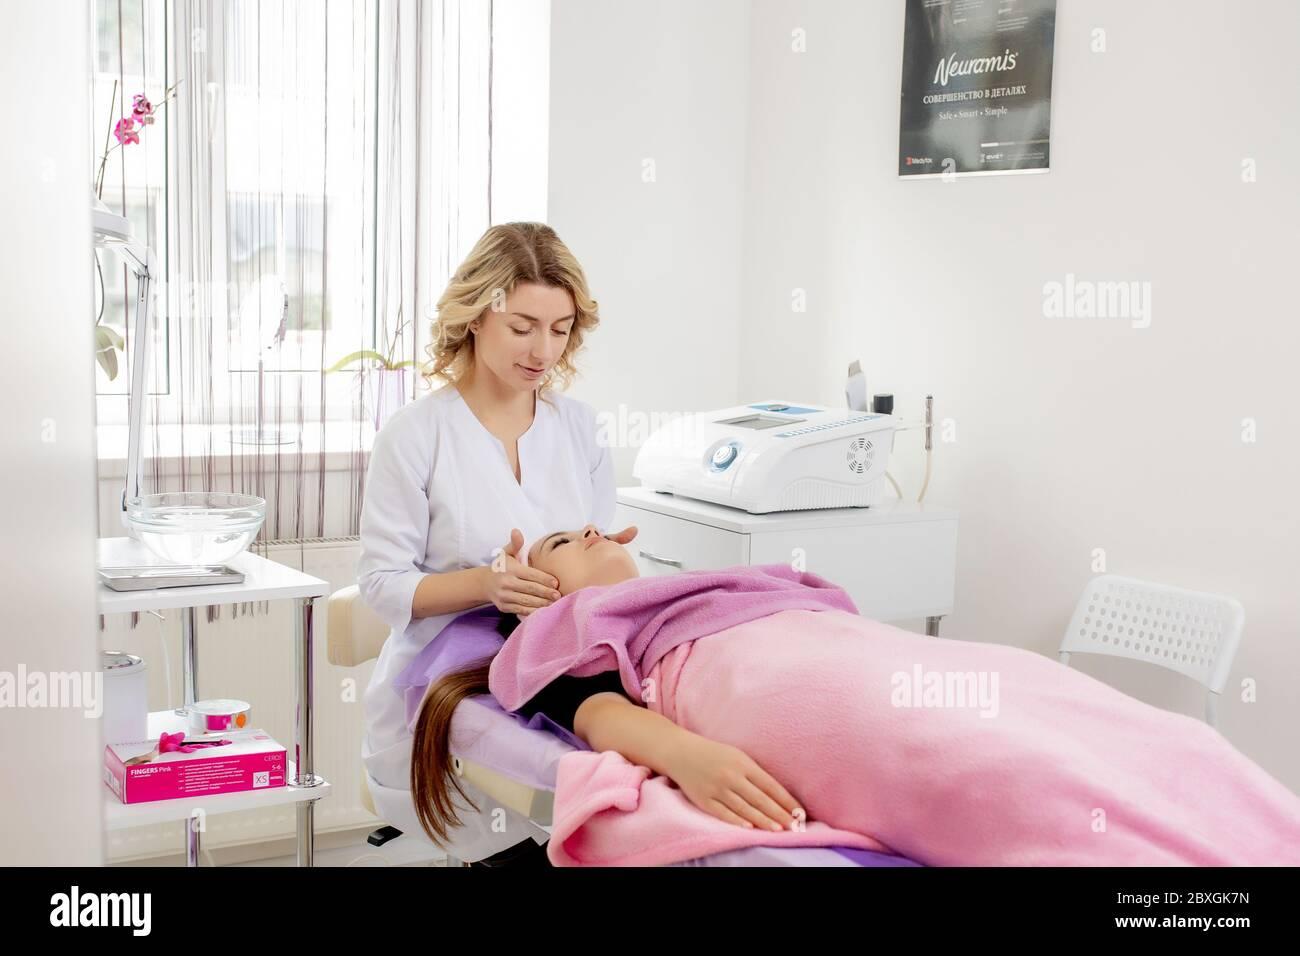 Resort, Spa, beauté et santé concept - belle femme dans spa salon de soins visage Banque D'Images